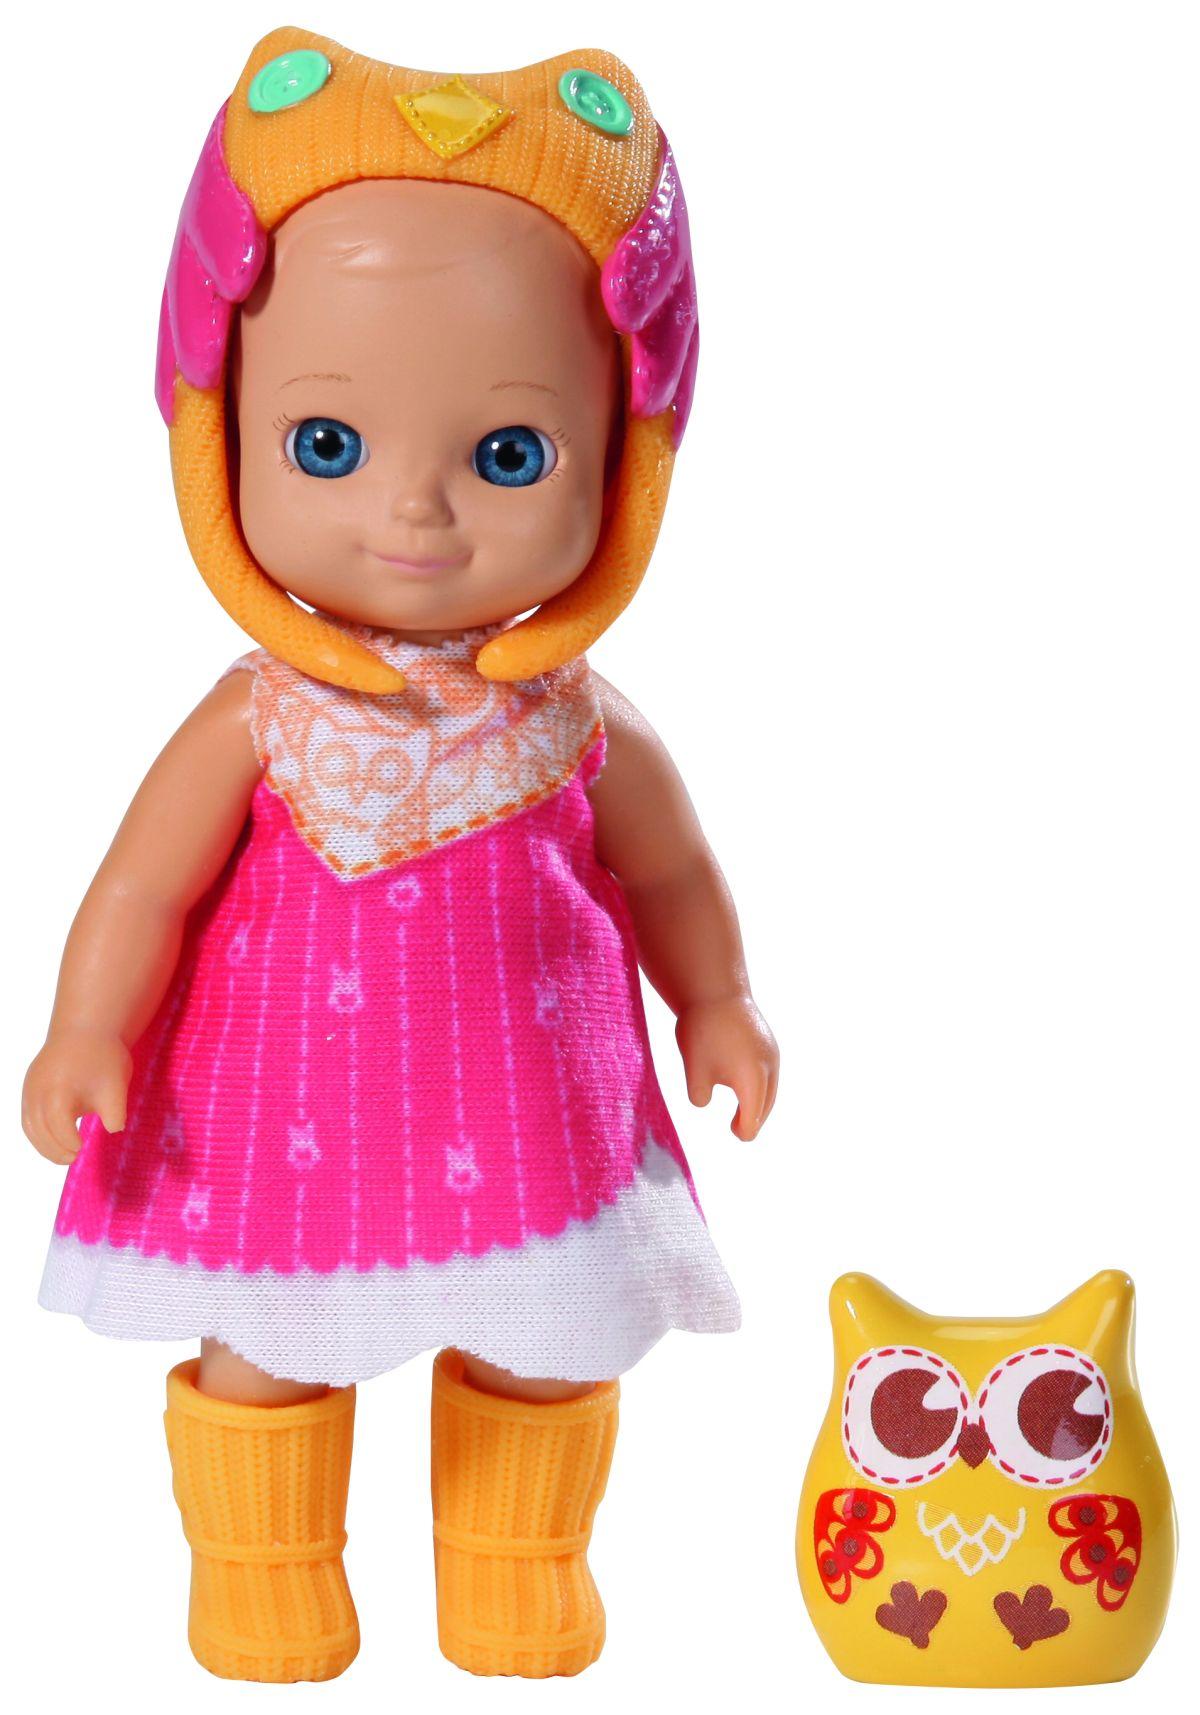 Chou Chou Мини-кукла Sunny920-060_SunnyМини-кукла Chou Chou. Sunny займет внимание вашей малышки и подарит ей множество счастливых мгновений. Кукла изготовлена из пластика, ее голова, ручки и ножки подвижны. Куколка одета в розовое платьице с белой полоской, оранжевые сапожки и шапочку в виде совы. В комплект входит очаровательный питомец-сова, которая живет с куклой в волшебном мире сновидений и сказок. Благодаря играм с куклой, ваша малышка сможет развить фантазию и любознательность, овладеть навыками общения и научиться ответственности, а дополнительные аксессуары сделают игру еще увлекательнее. Порадуйте свою маленькую принцессу таким прекрасным подарком!